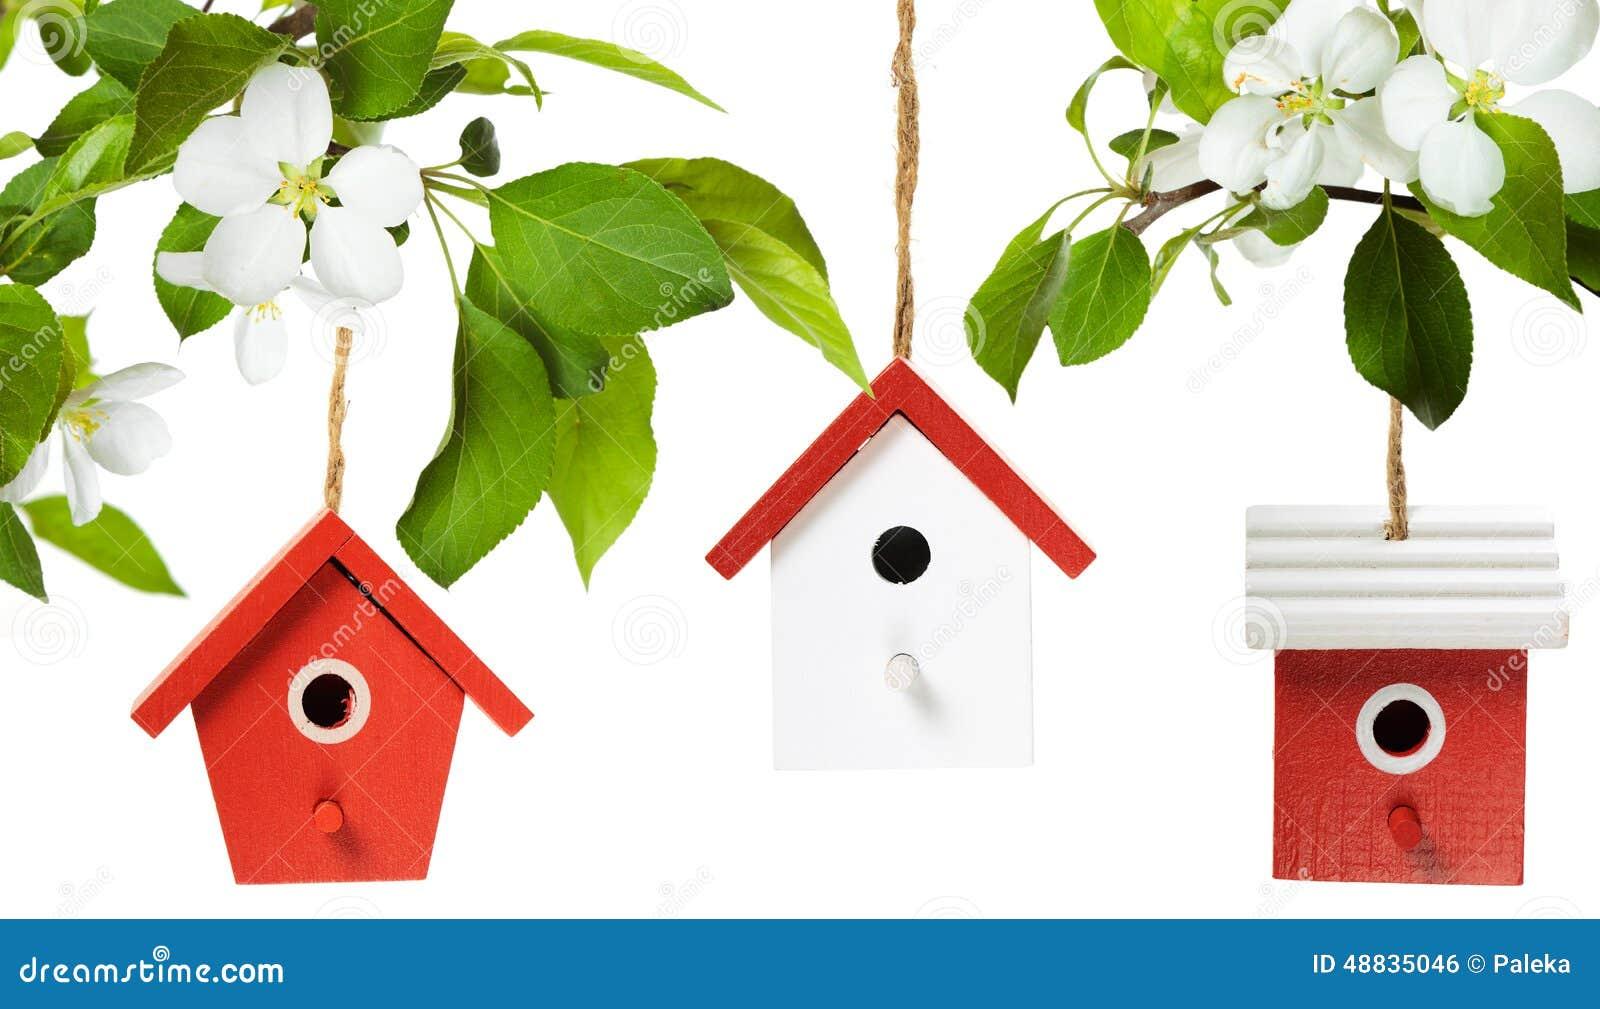 Drie vogelhuizen